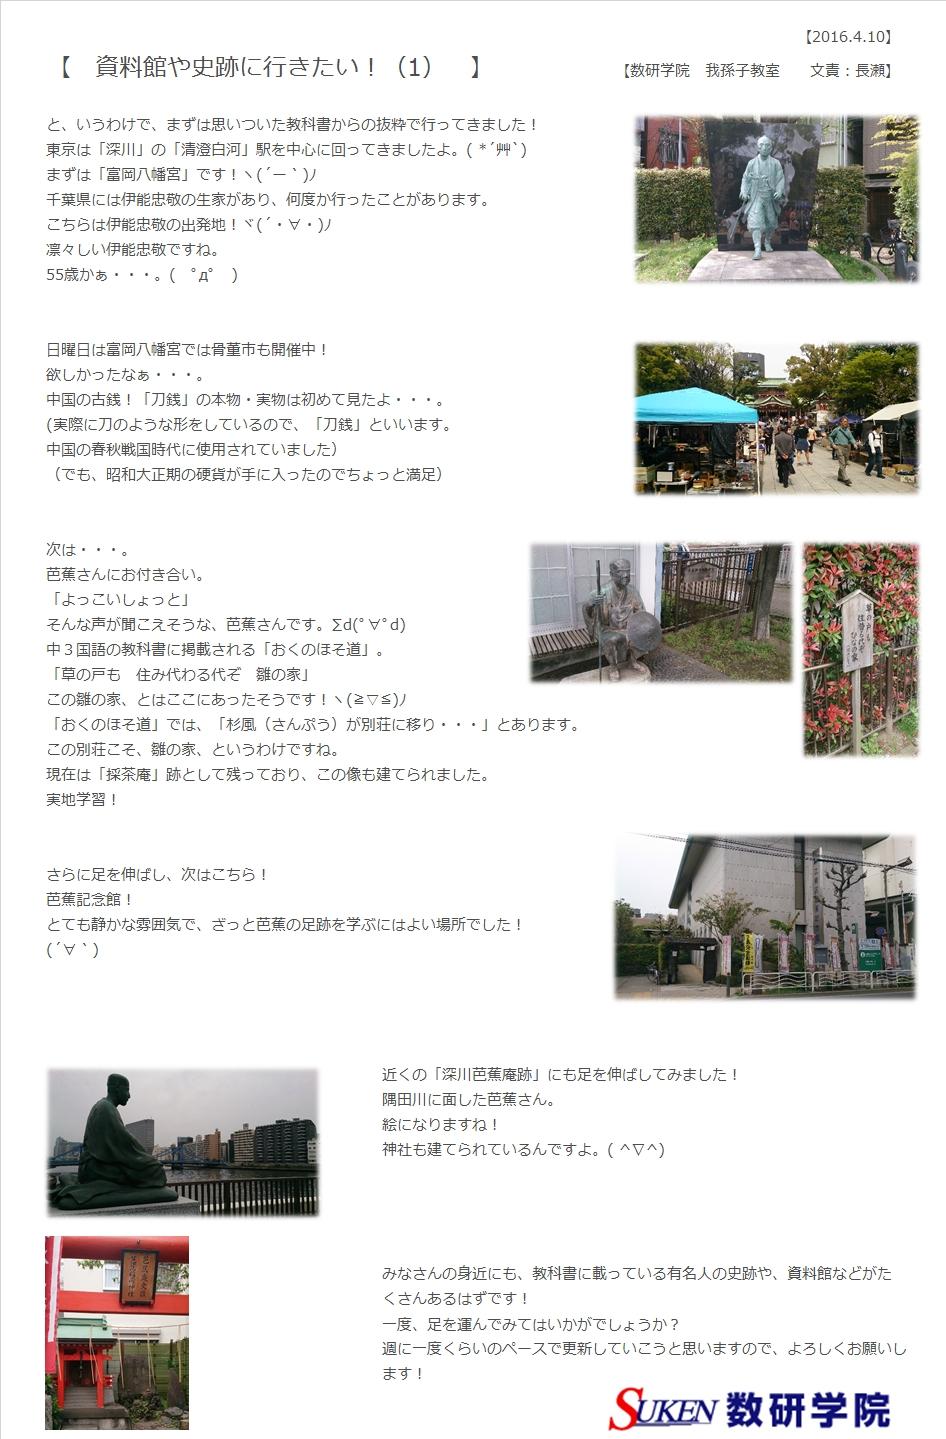 資料館や史跡に行きたい(1)